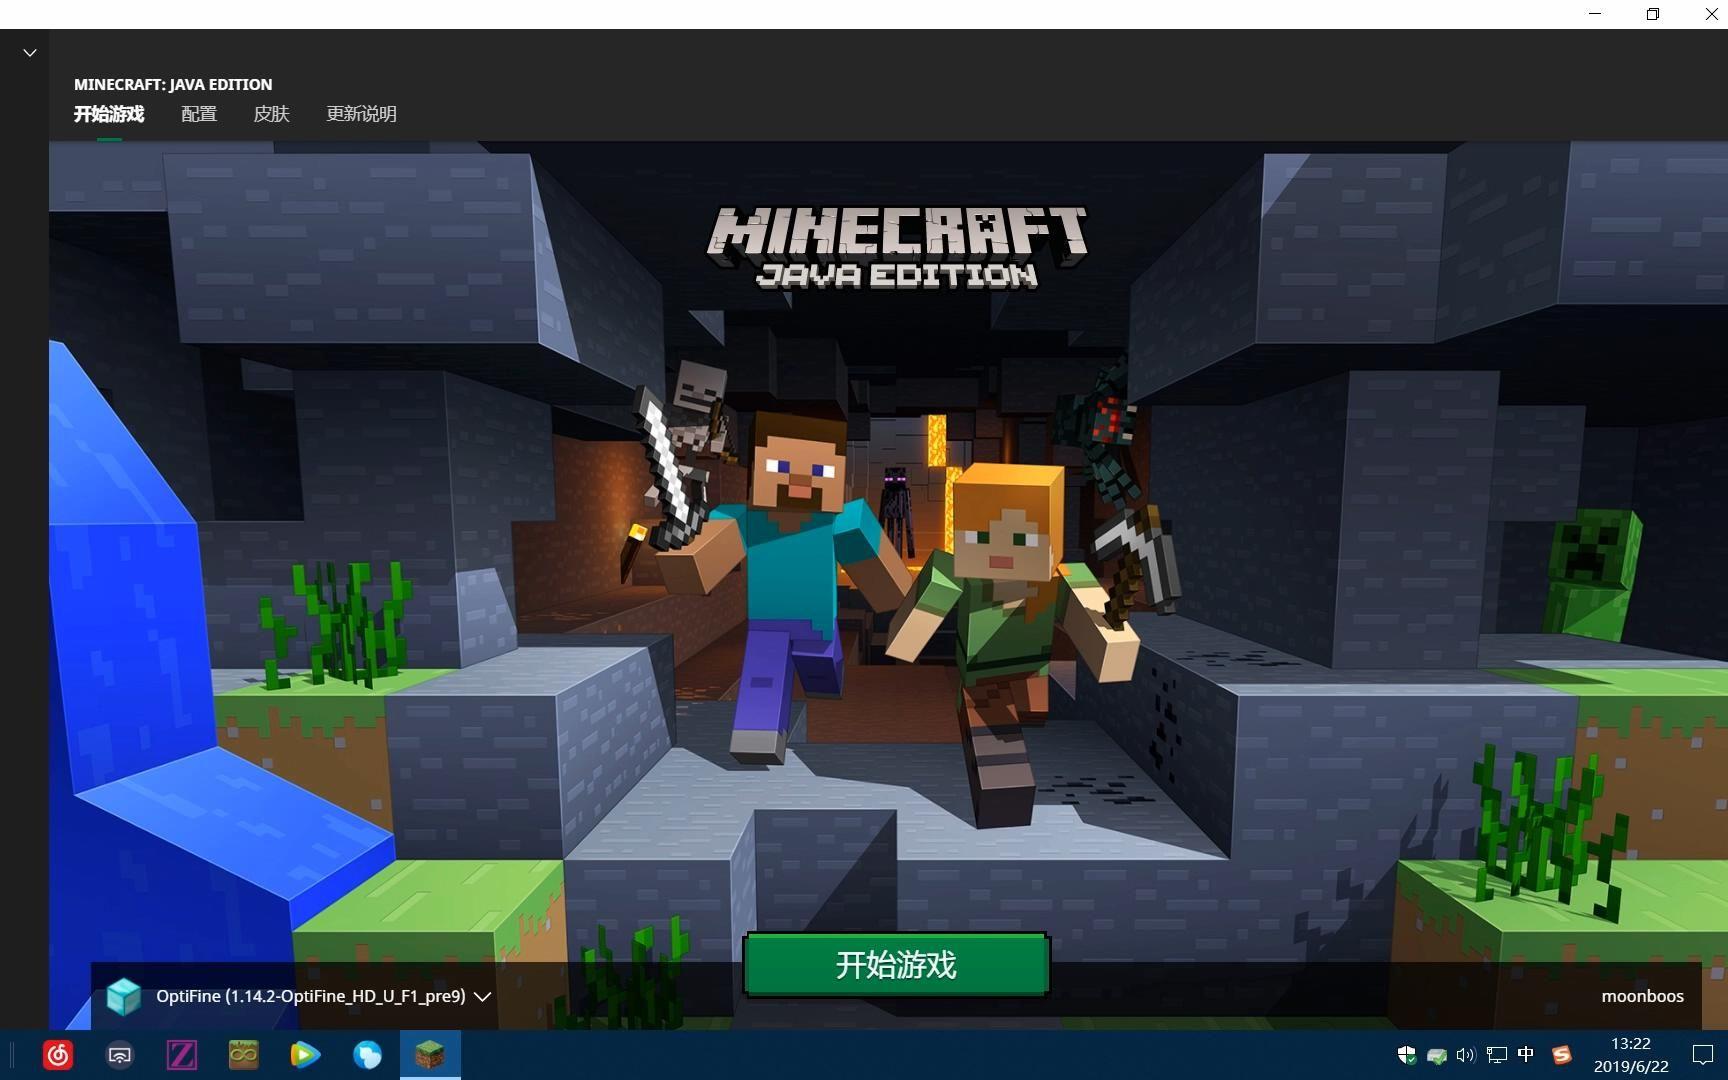 我的世界国际java版最新启动器介绍,看来微软听到了中国玩家的心声!